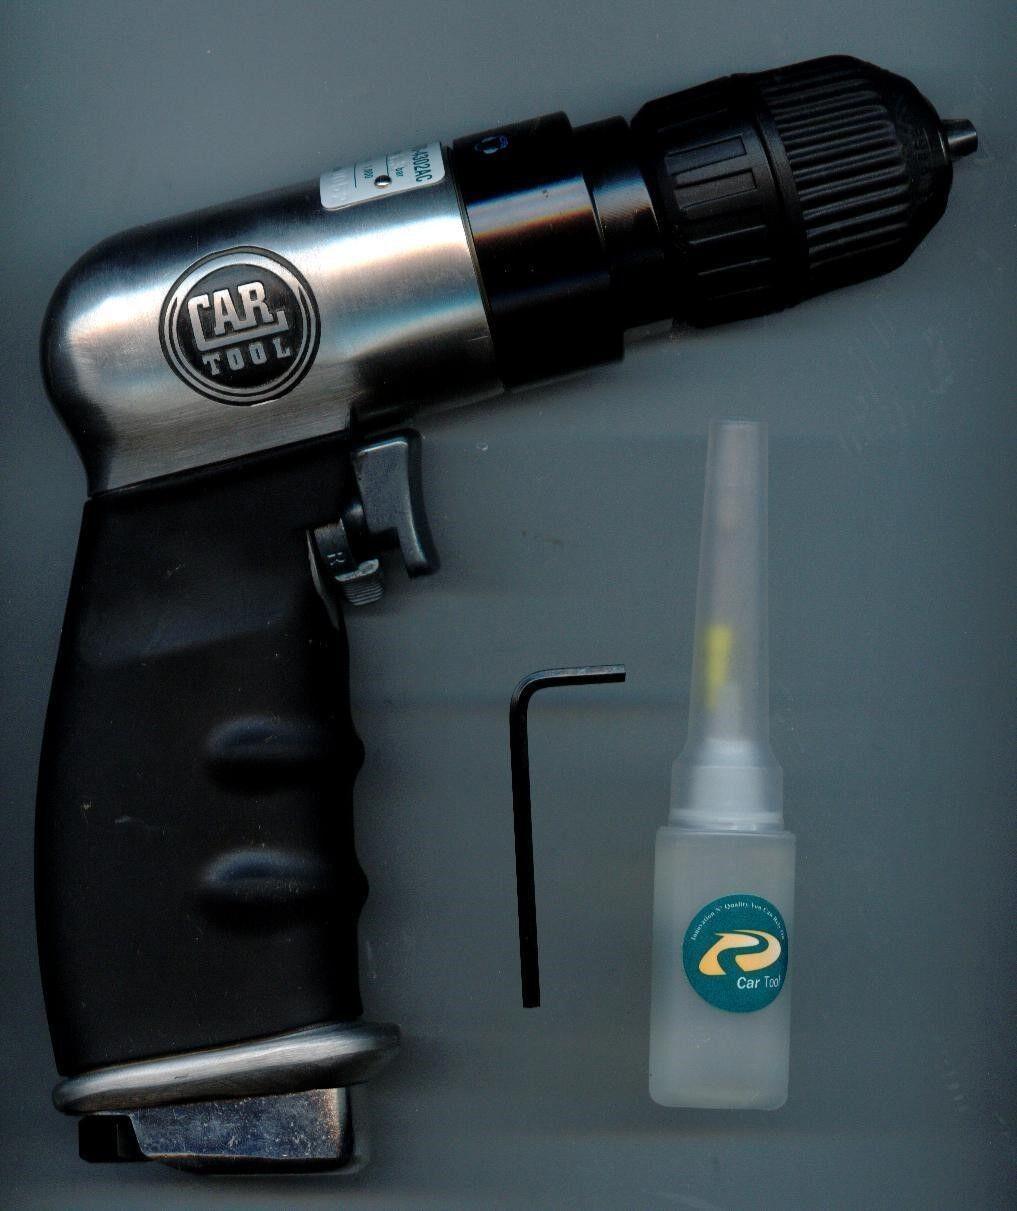 Car Tool (EARS-4302AC) 3 8  Reversible Keyless Air Drill 1800 RPM, Vacula